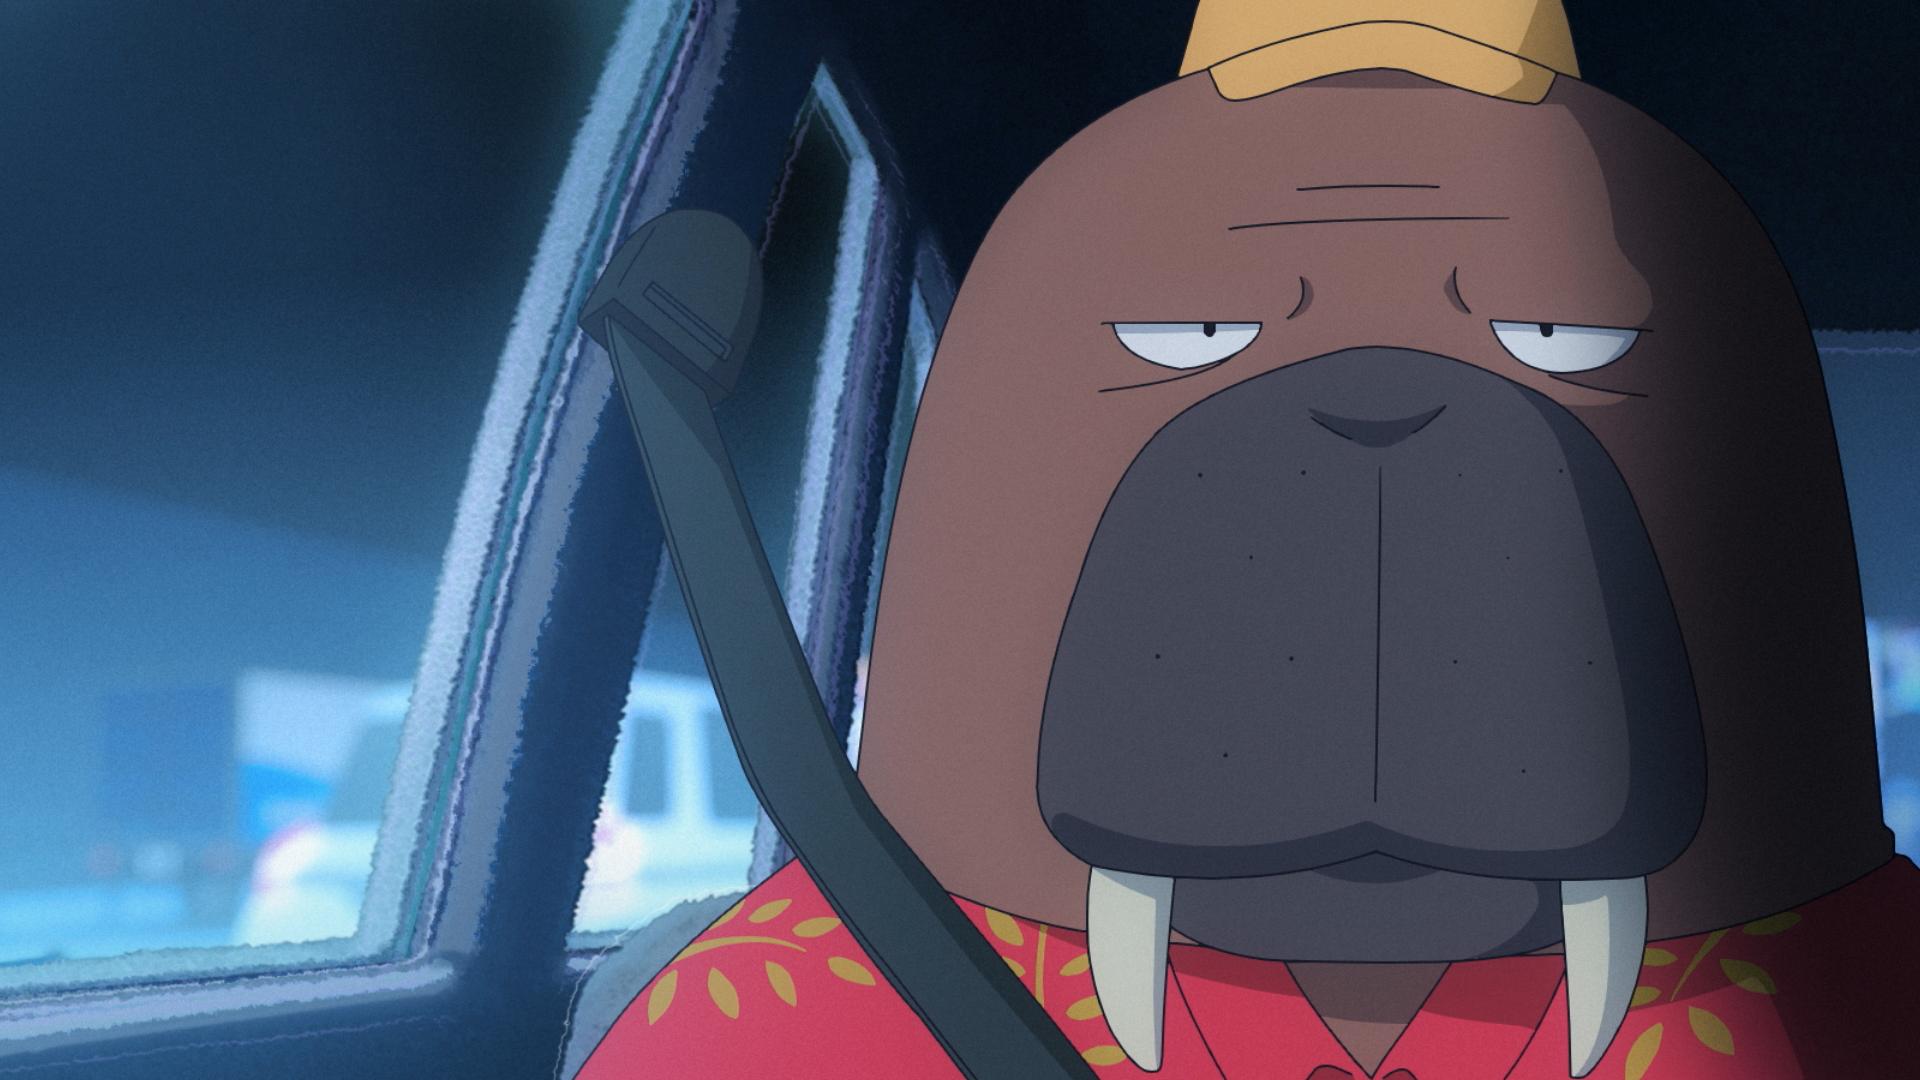 P.I.C.S.企画・制作 アニメ「オッドタクシー」が本日深夜26時05分より放送開始。